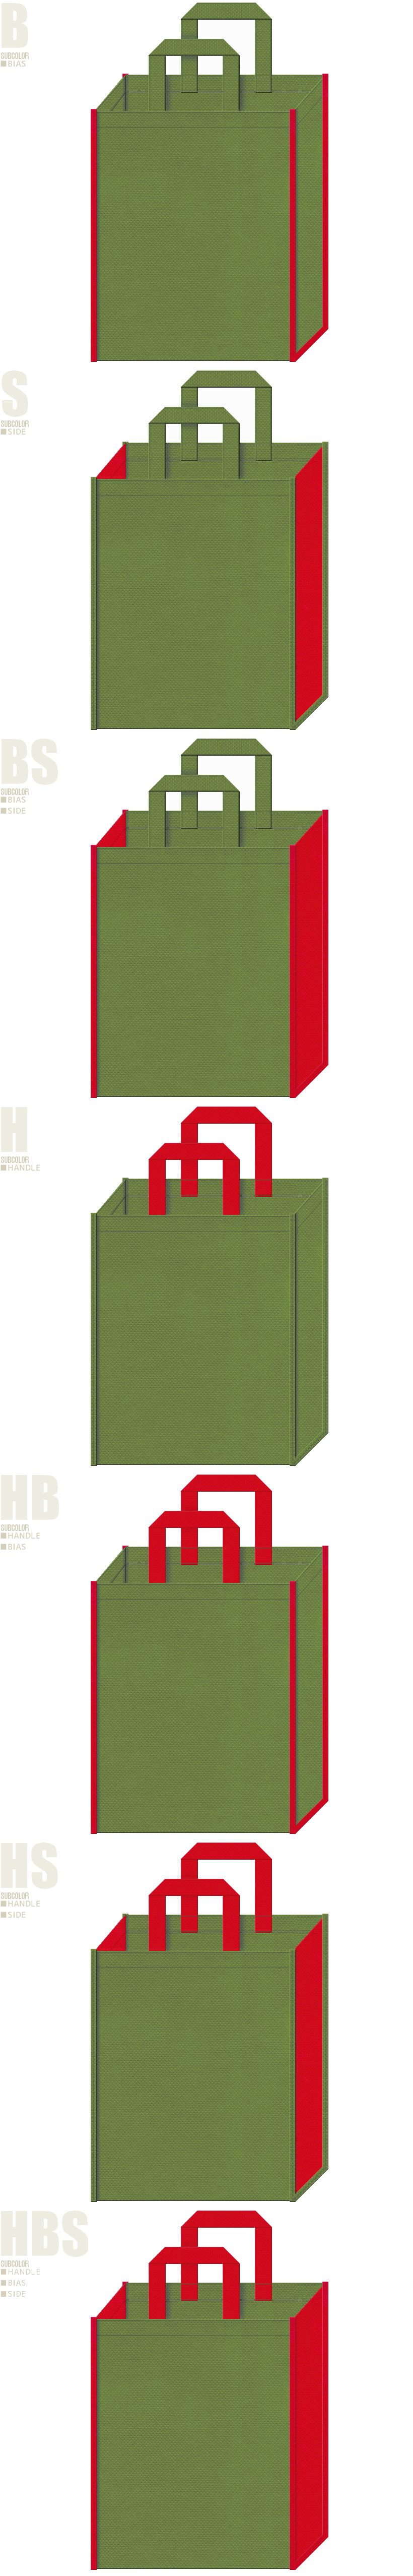 草色と紅色、7パターンの不織布トートバッグ配色デザイン例。お城イベント・ゲーム・五月人形・日本のお土産にお奨めです。